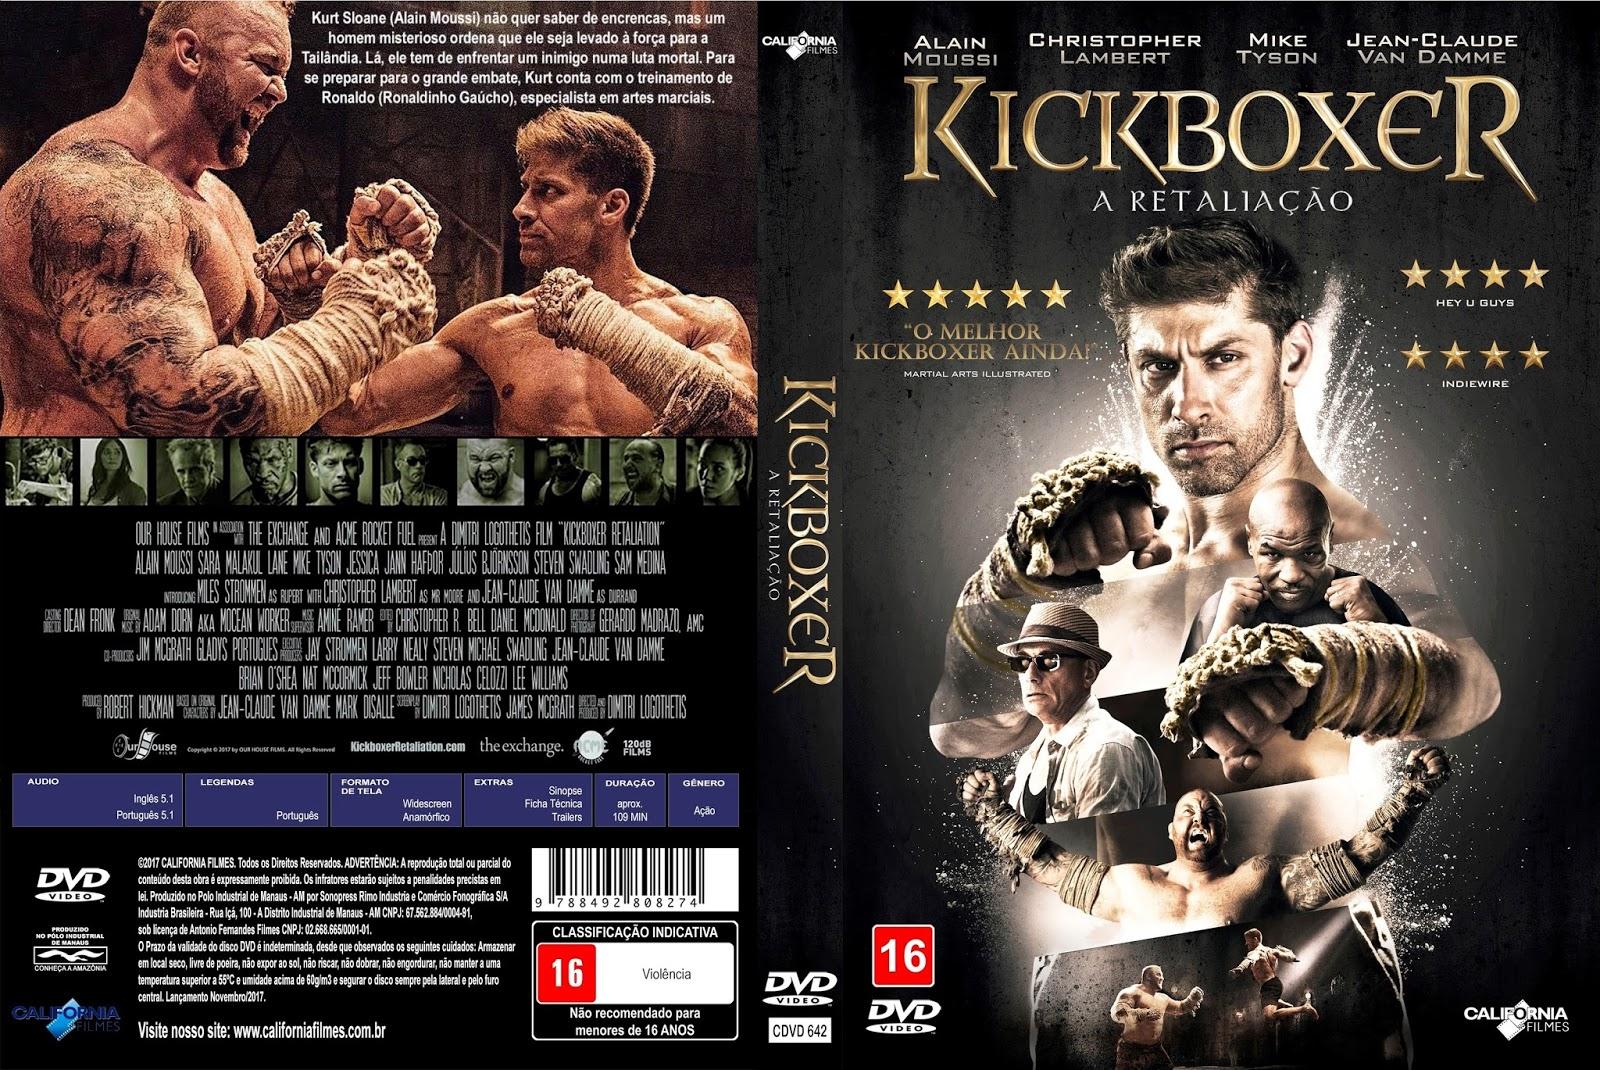 Kickboxer%2BA%2BRetalia%25C3%25A7%25C3%2